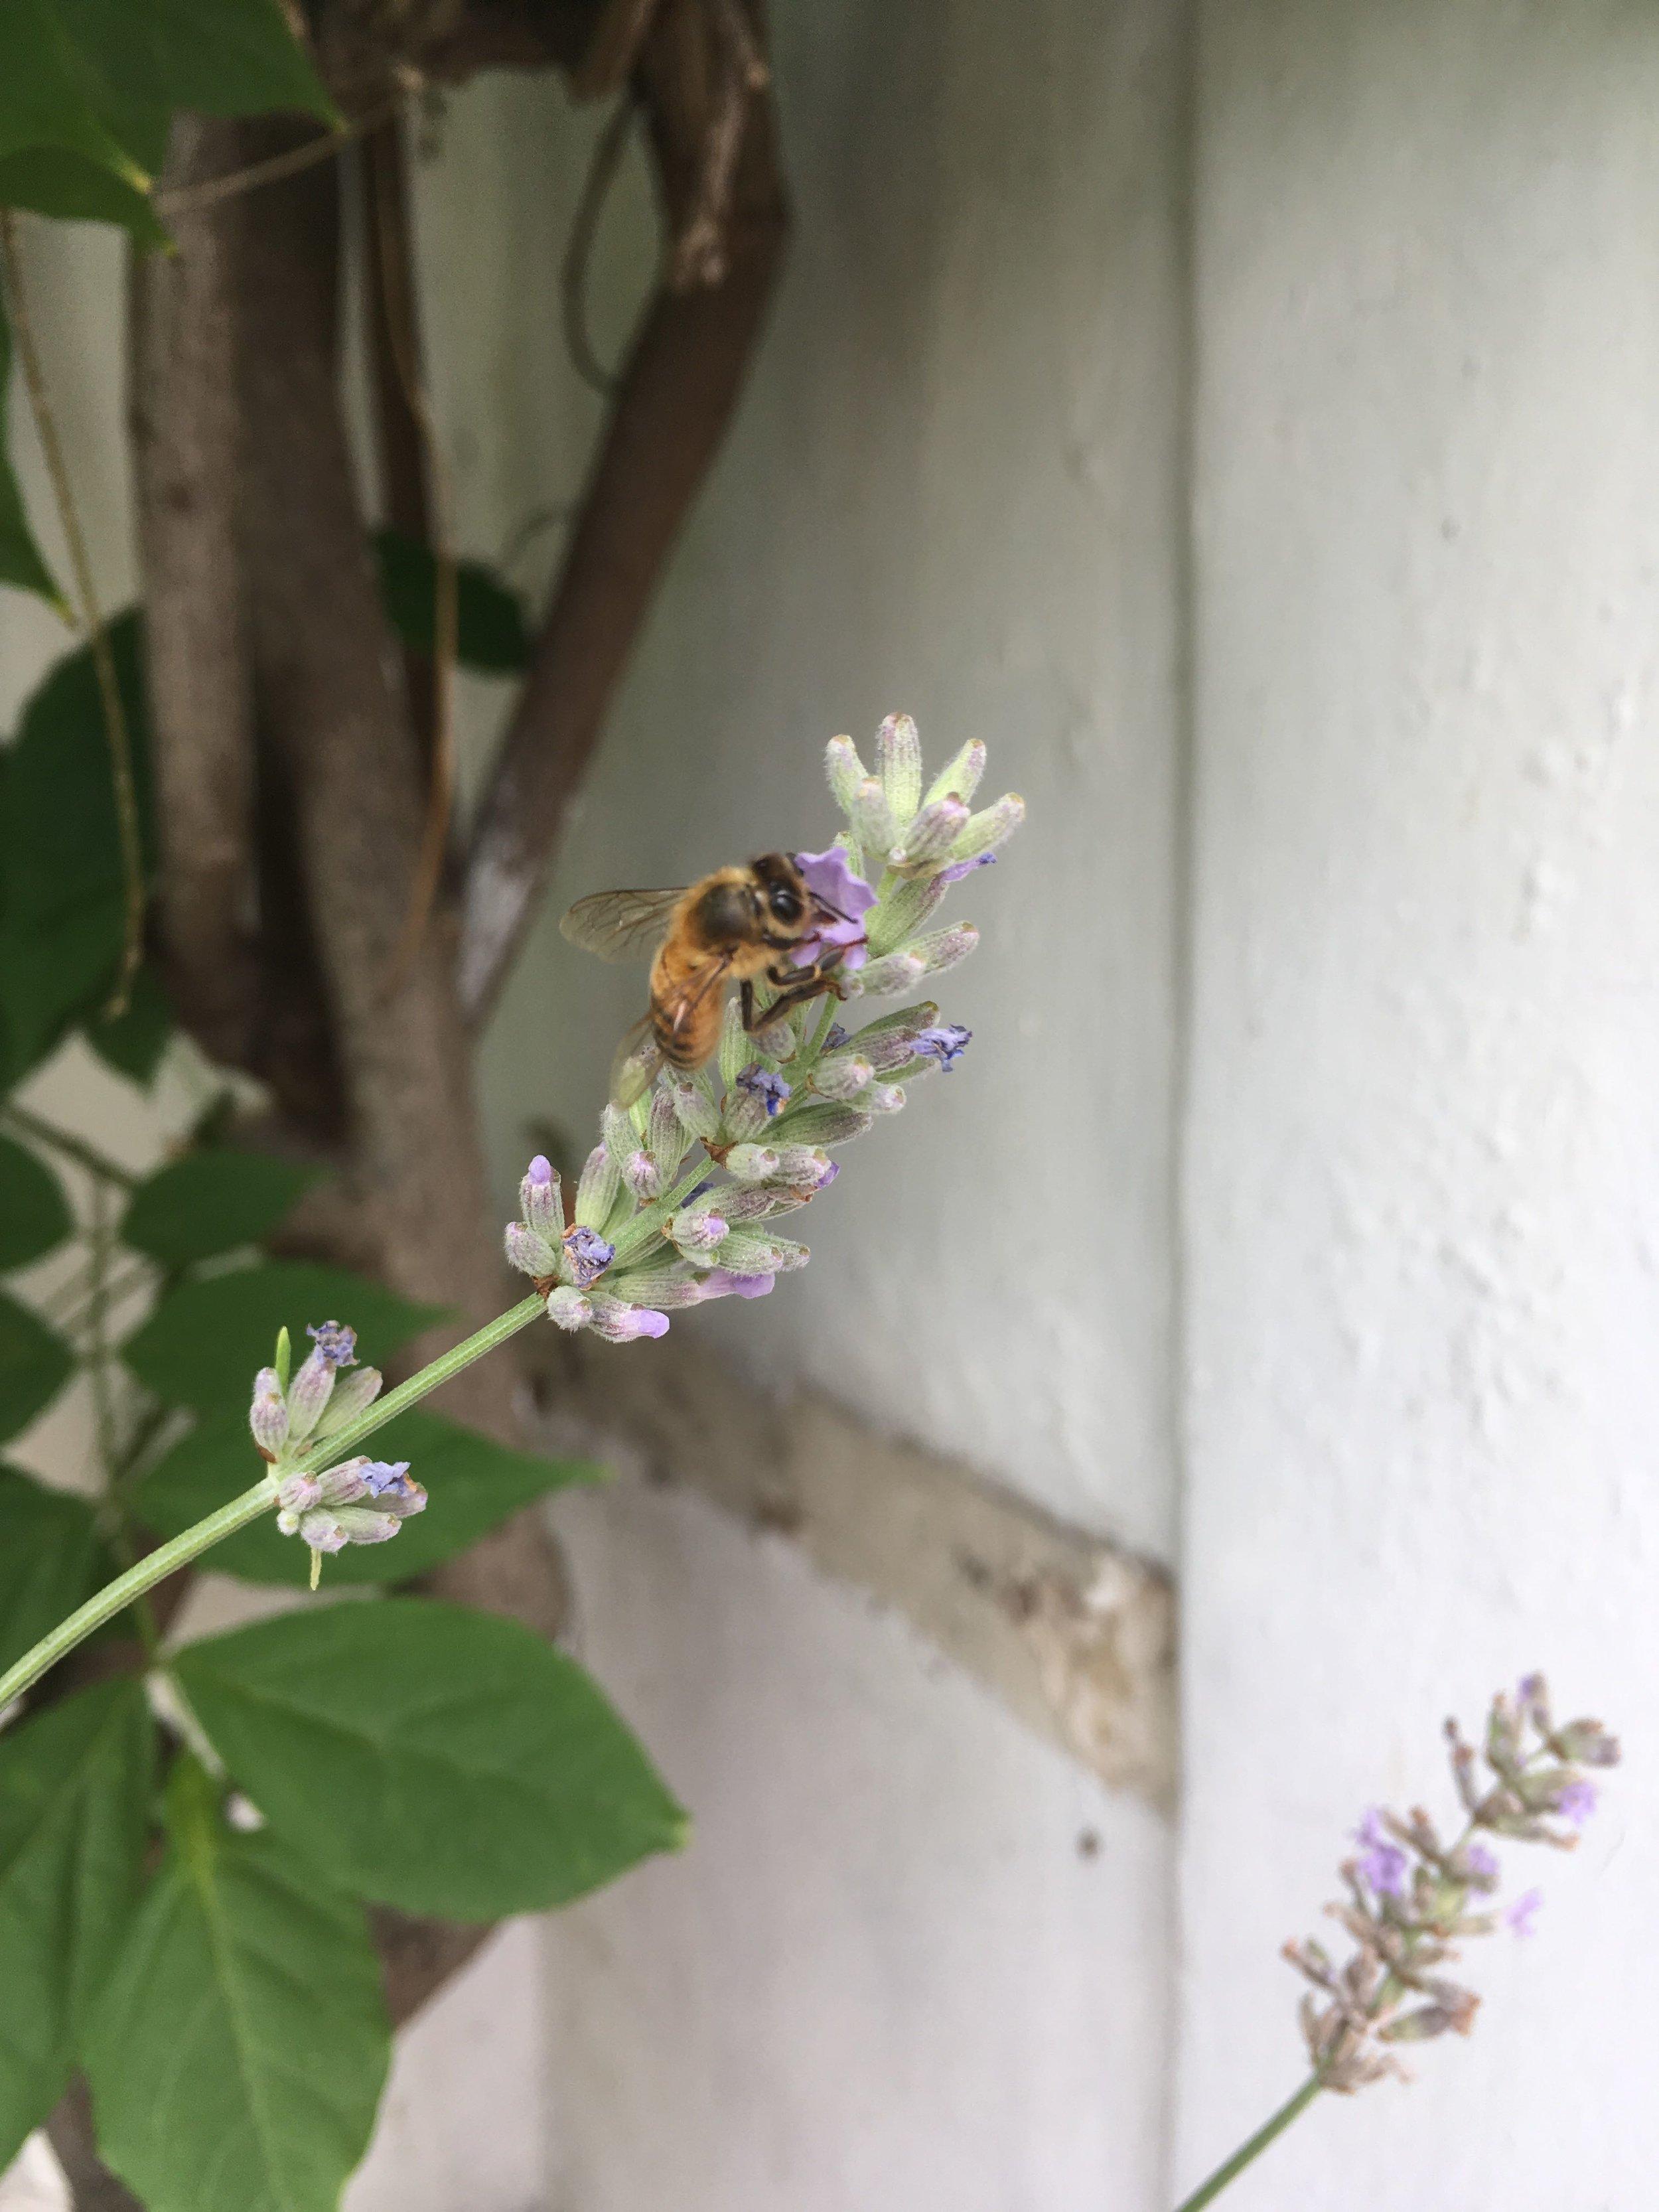 Bee on Lavendula angustifolia - Lavender.jpg